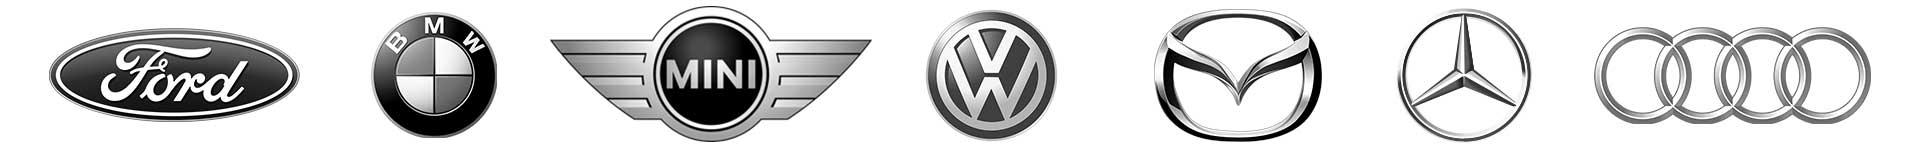 Car Logos Grey